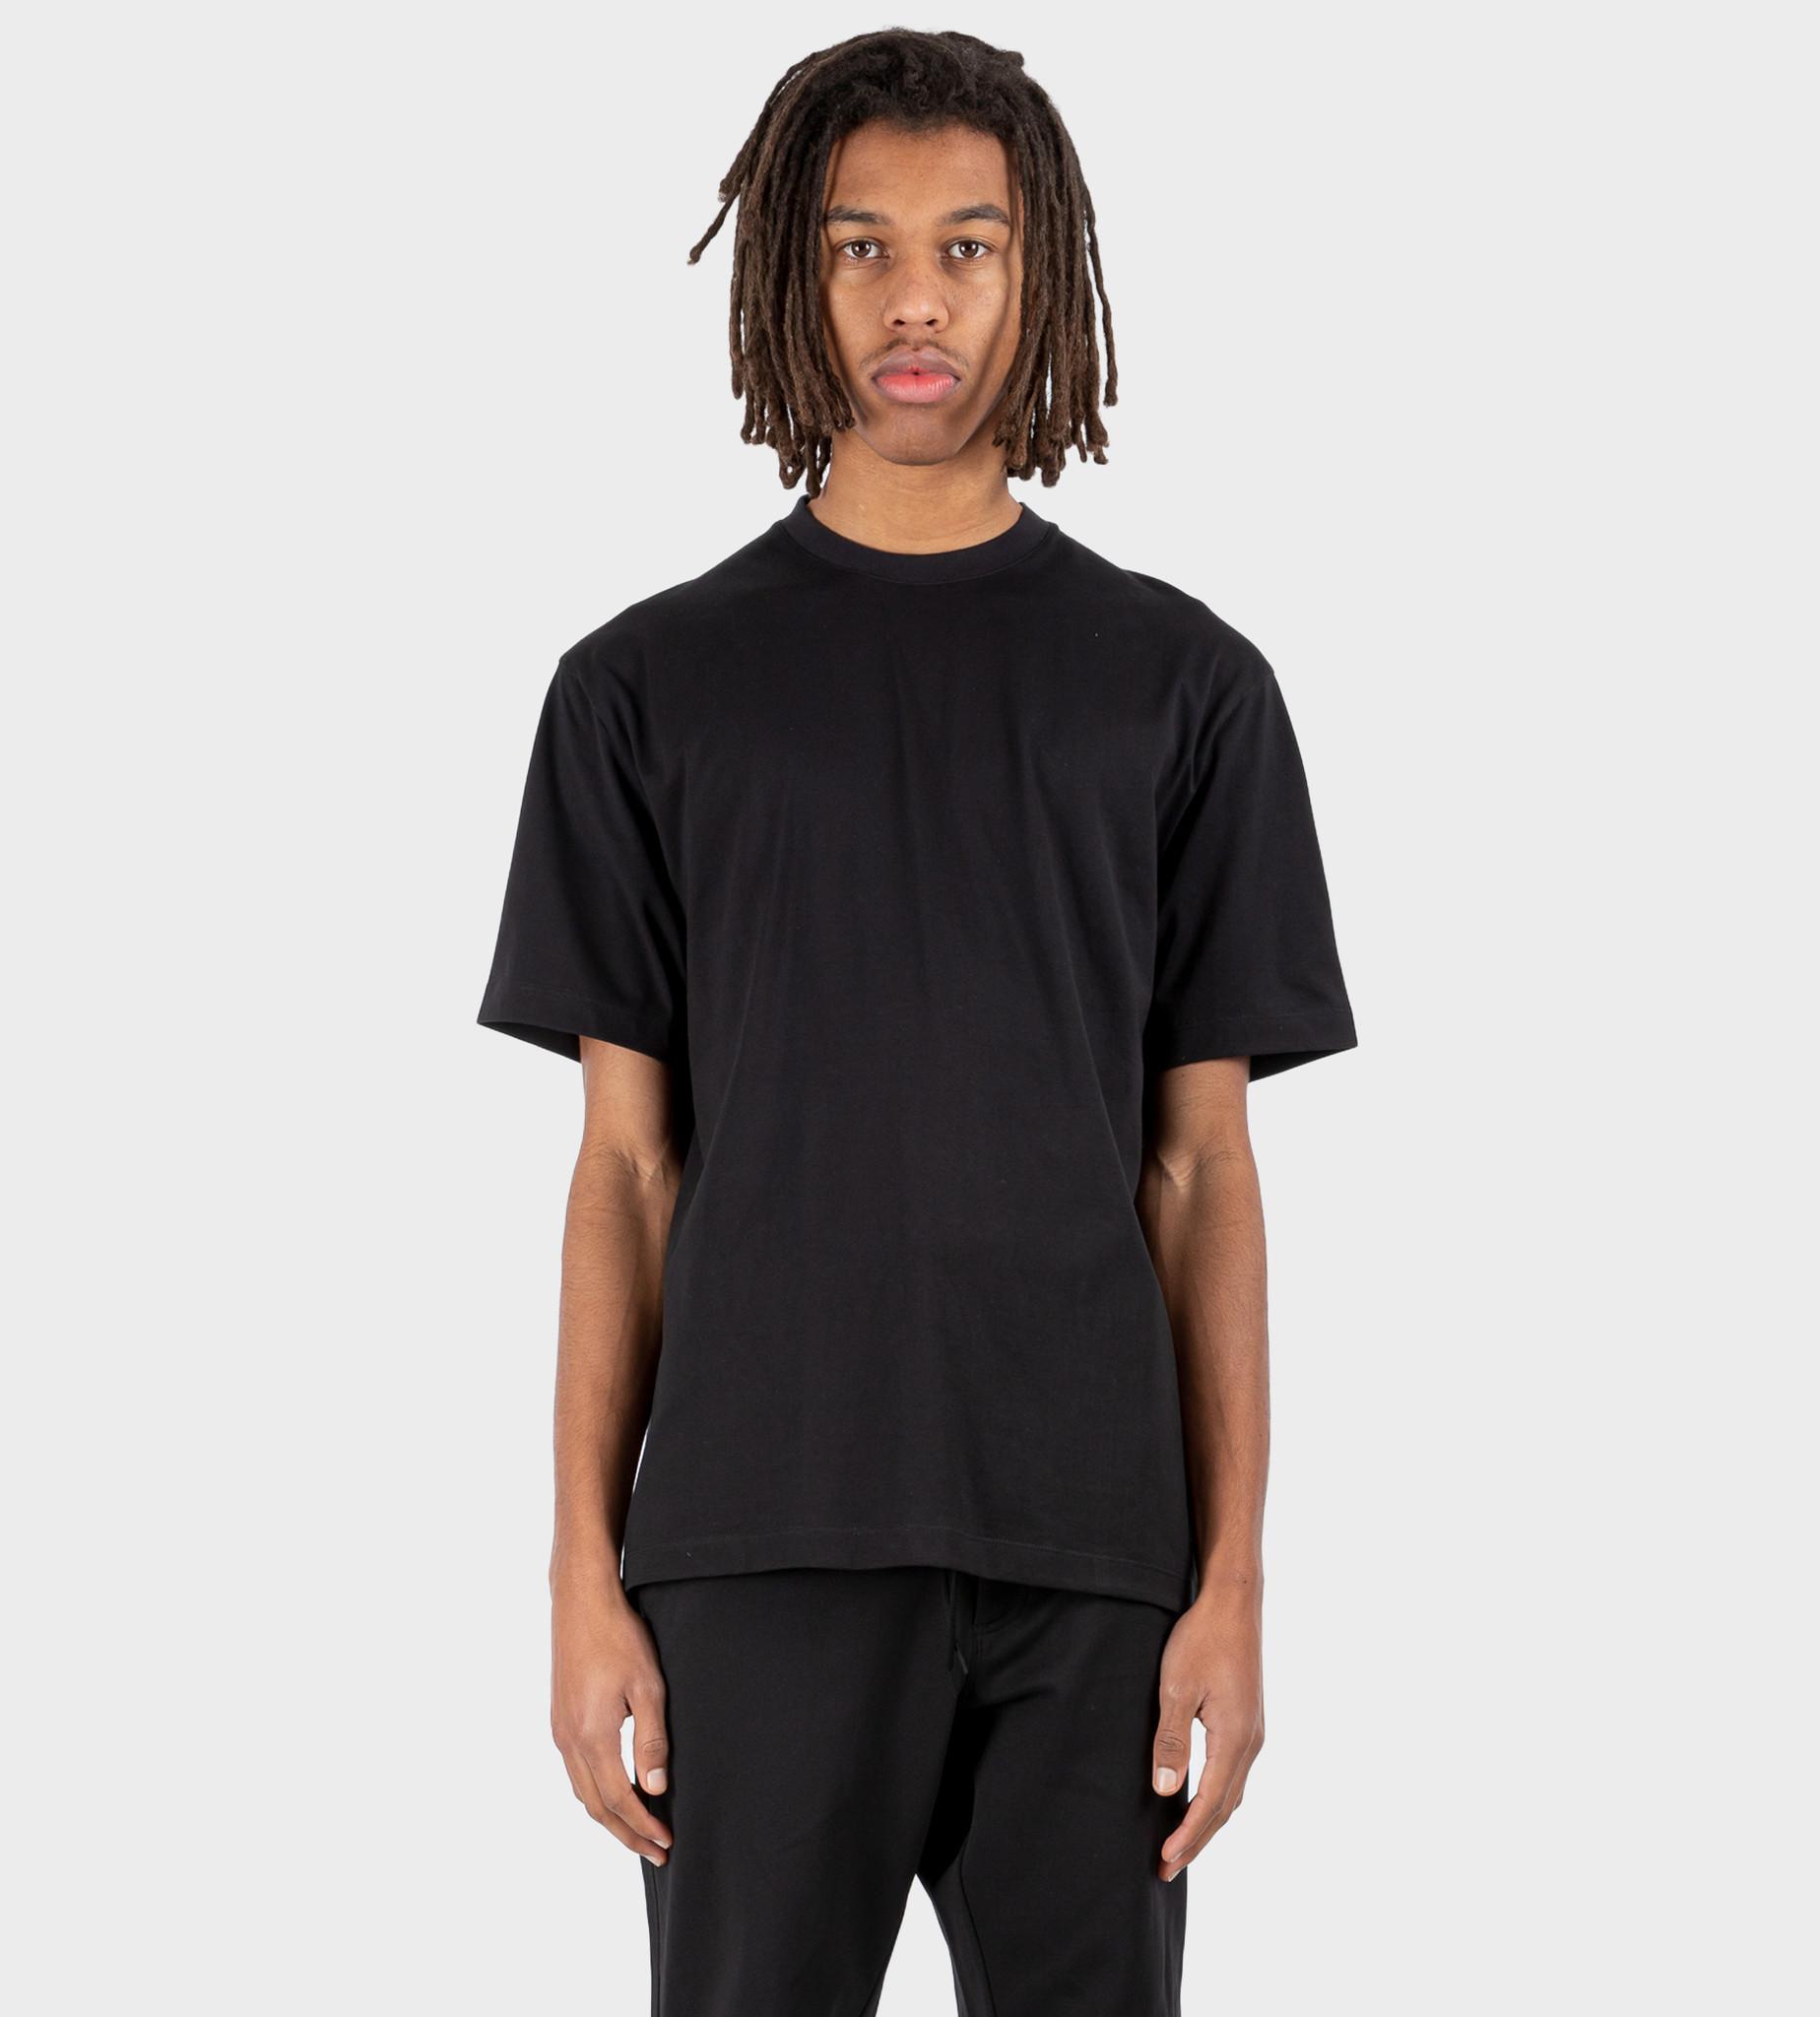 Y3 CL Logo T-Shirt